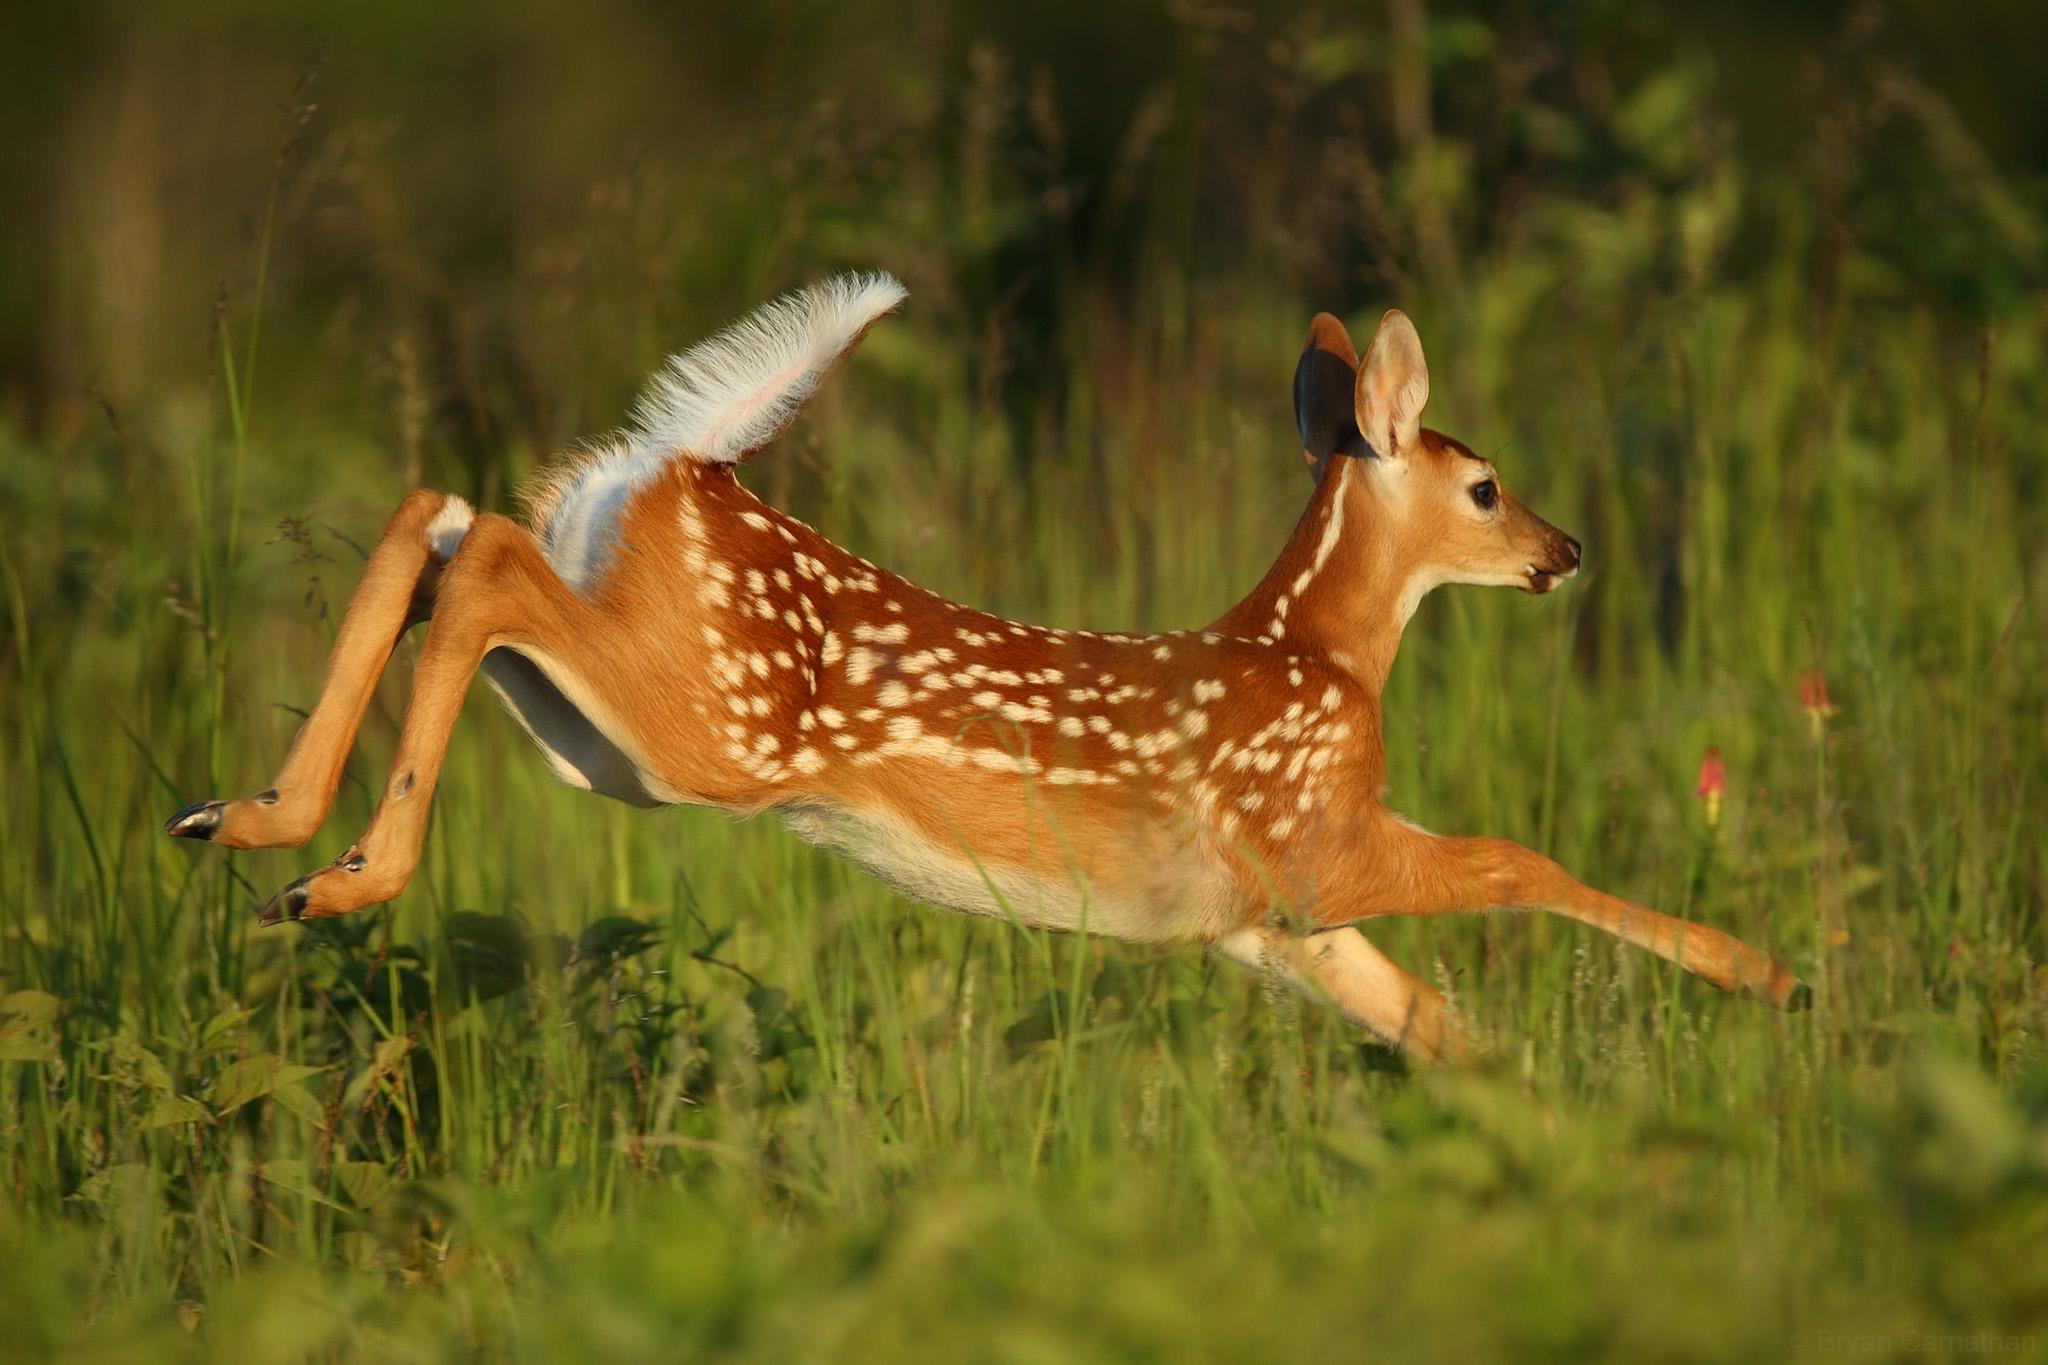 5400 Koleksi Gambar Binatang Kijang HD Terbaik